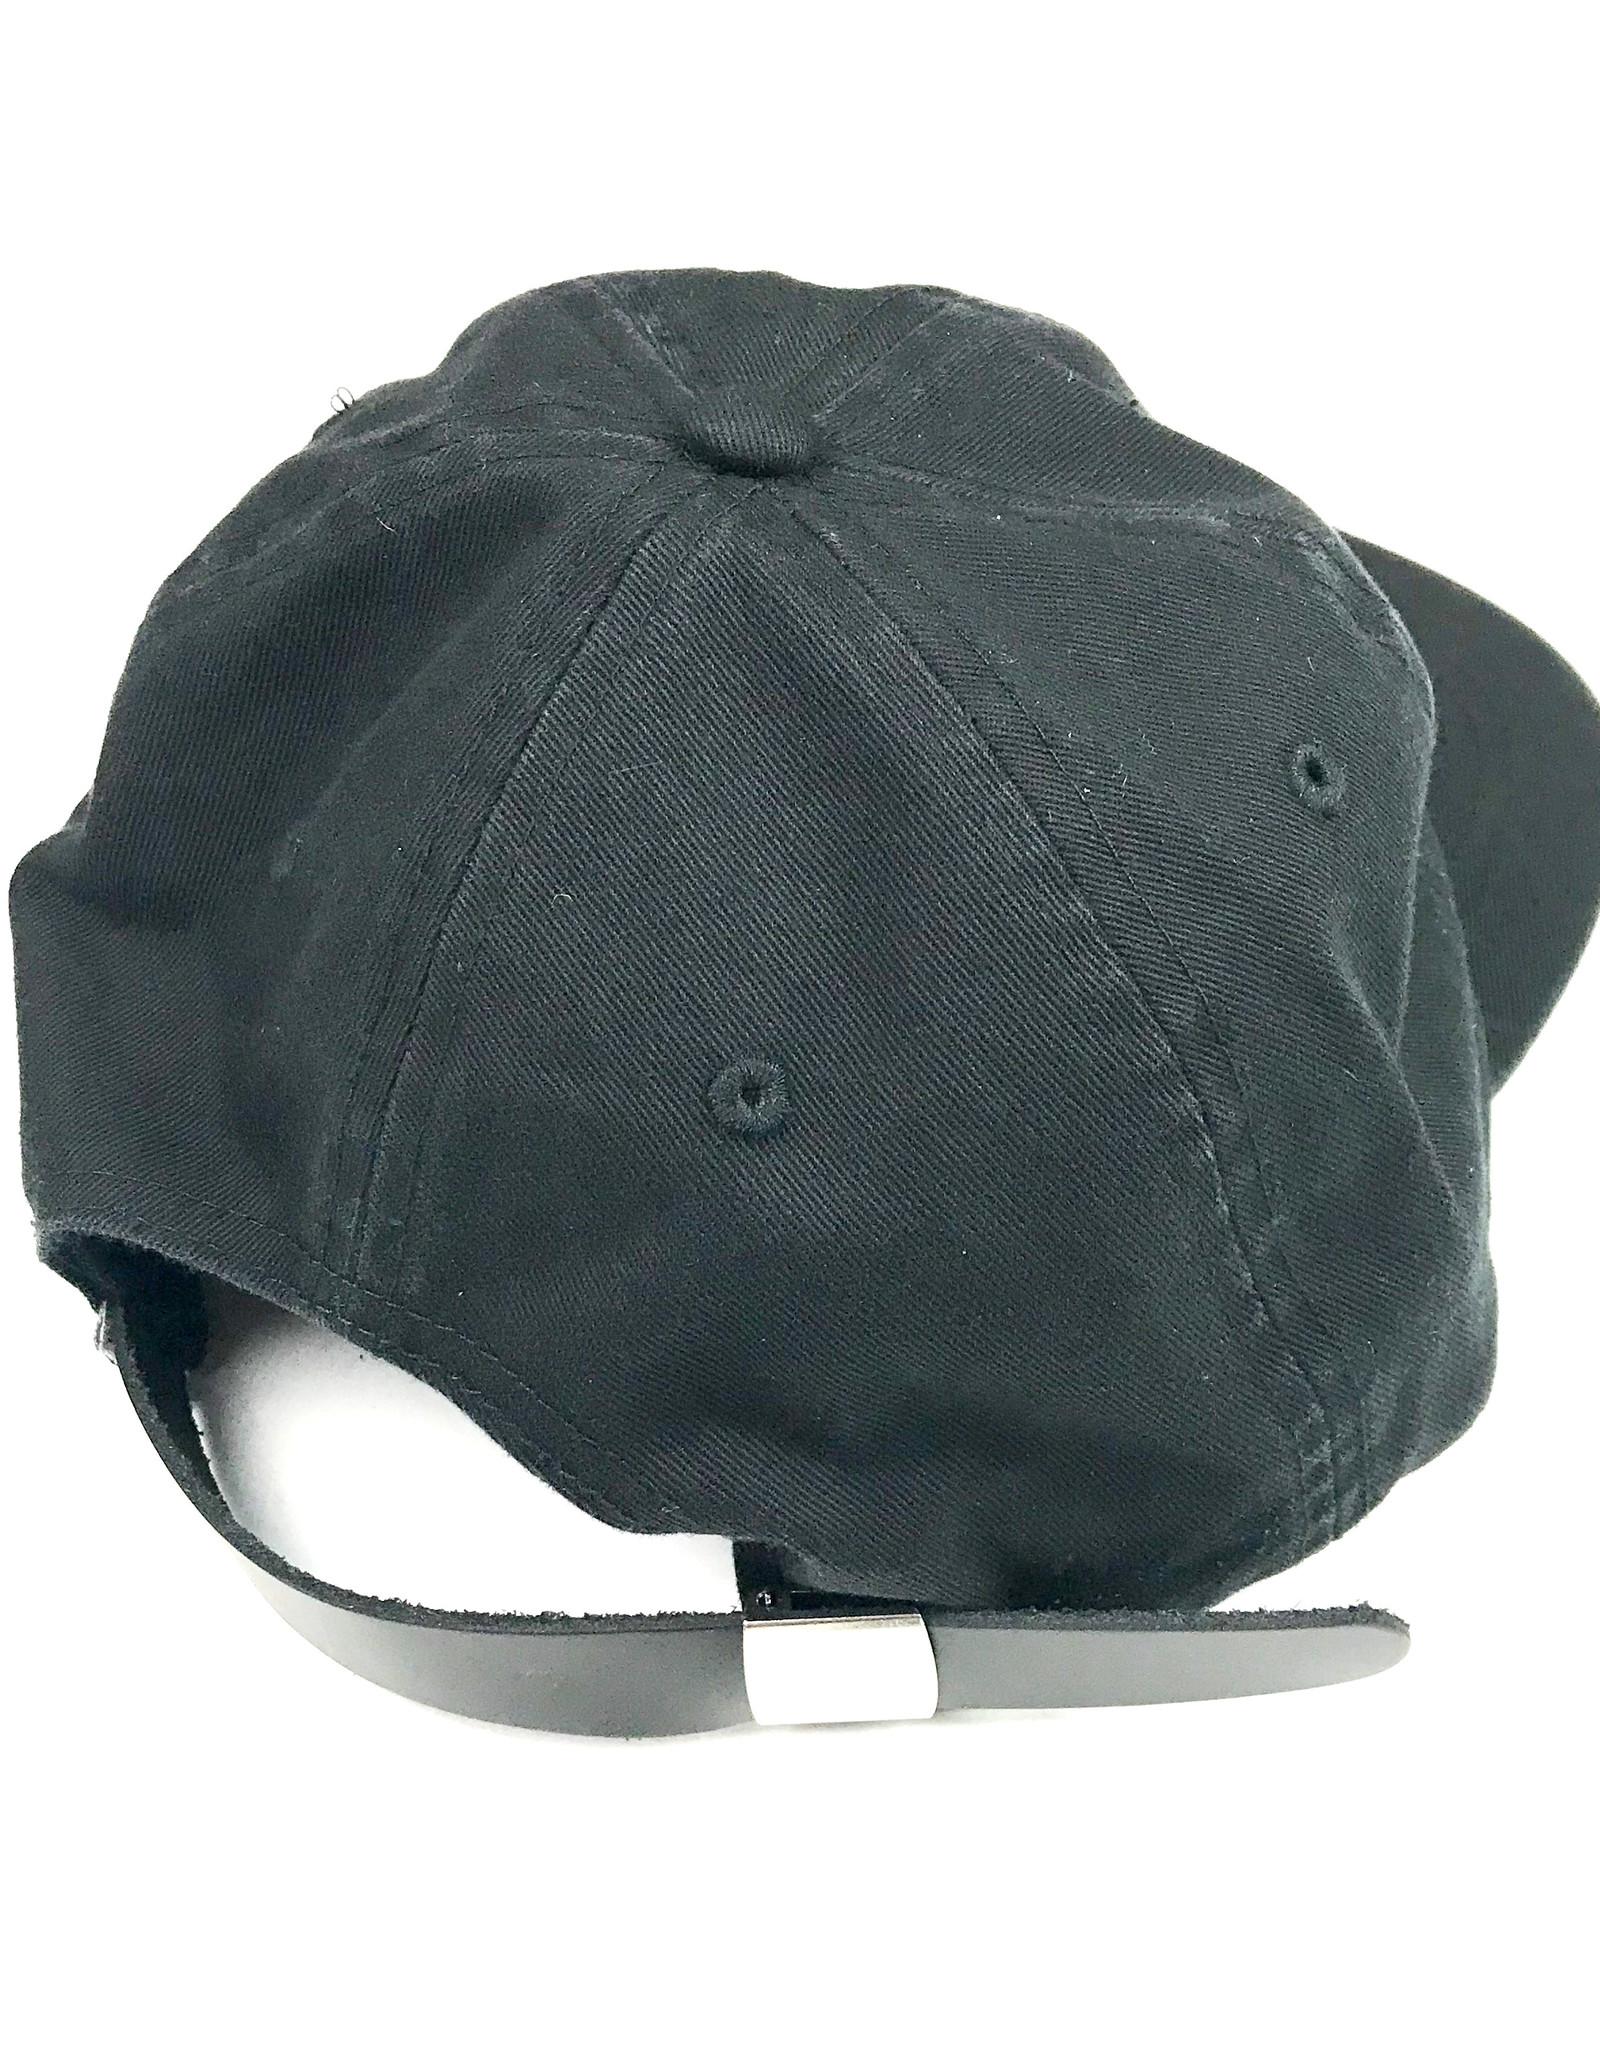 KINGSWELL KINGSWELL LOGO HAT - BLACK